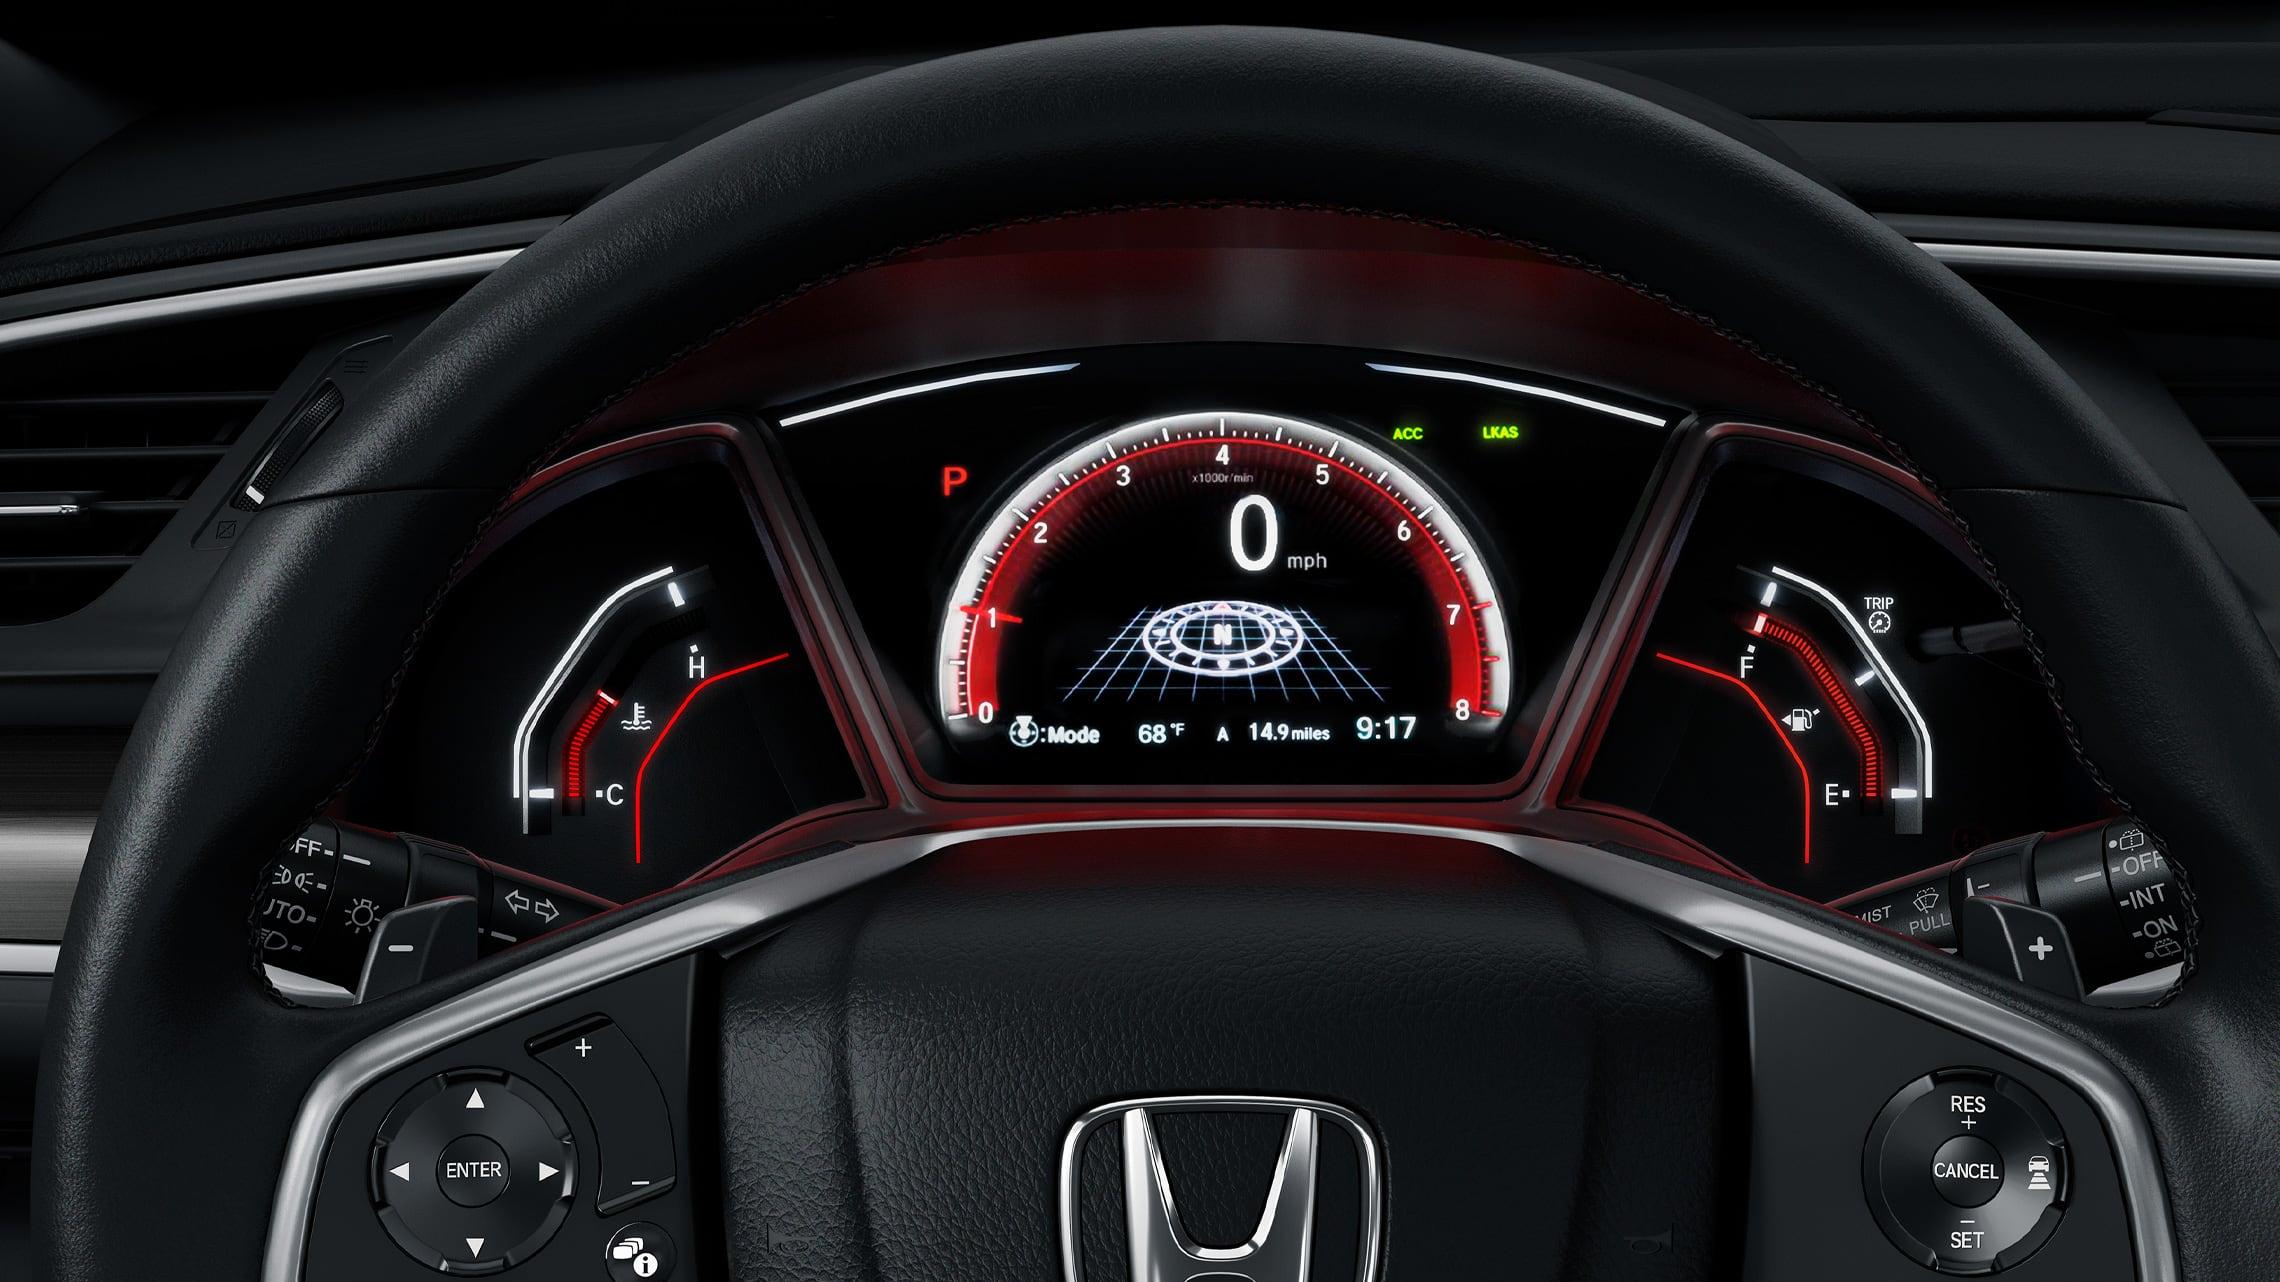 Vista interior del volante y el tablero del Honda Civic Sport Touring Hatchback 2021 con cuero Black.